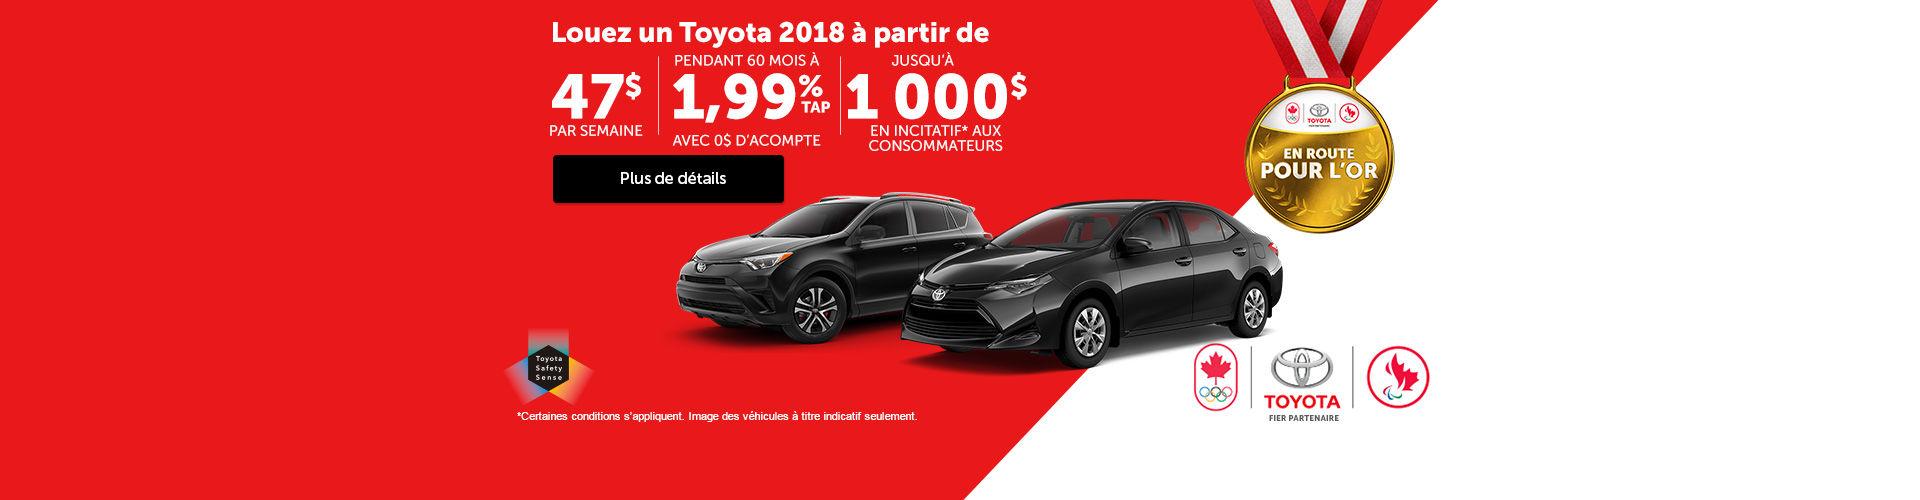 Vente mensuelle Toyota